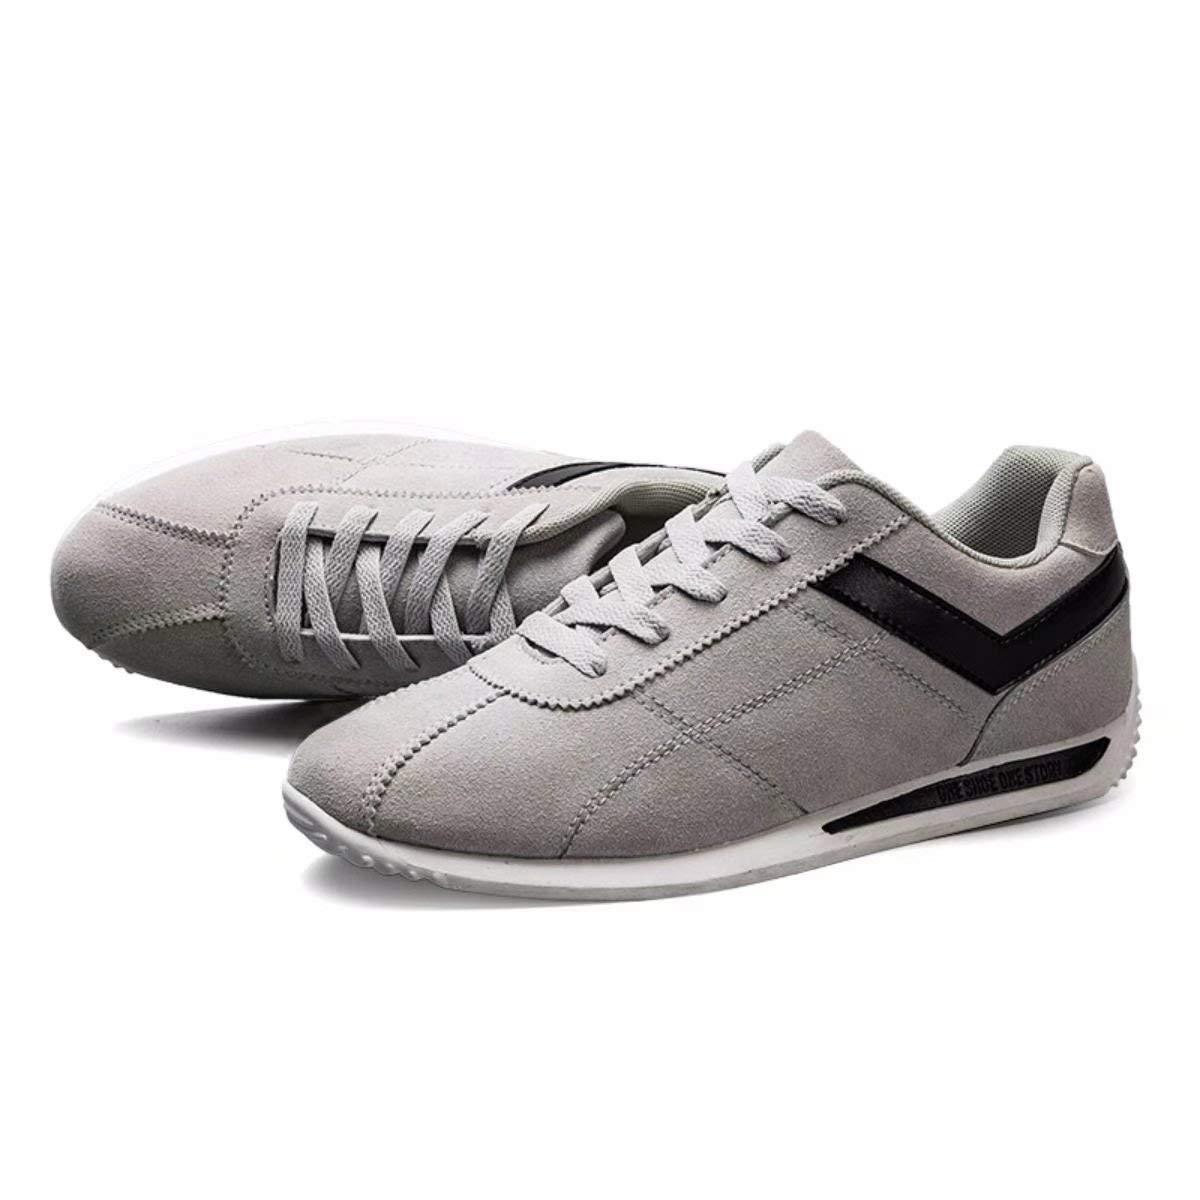 premium selection b4b2e 93f2d Get Quotations · Shoes CN Men s Unisex Trainers Originals Superstar Launch  Fashion Sneaker Skate Skateboarding Shoe